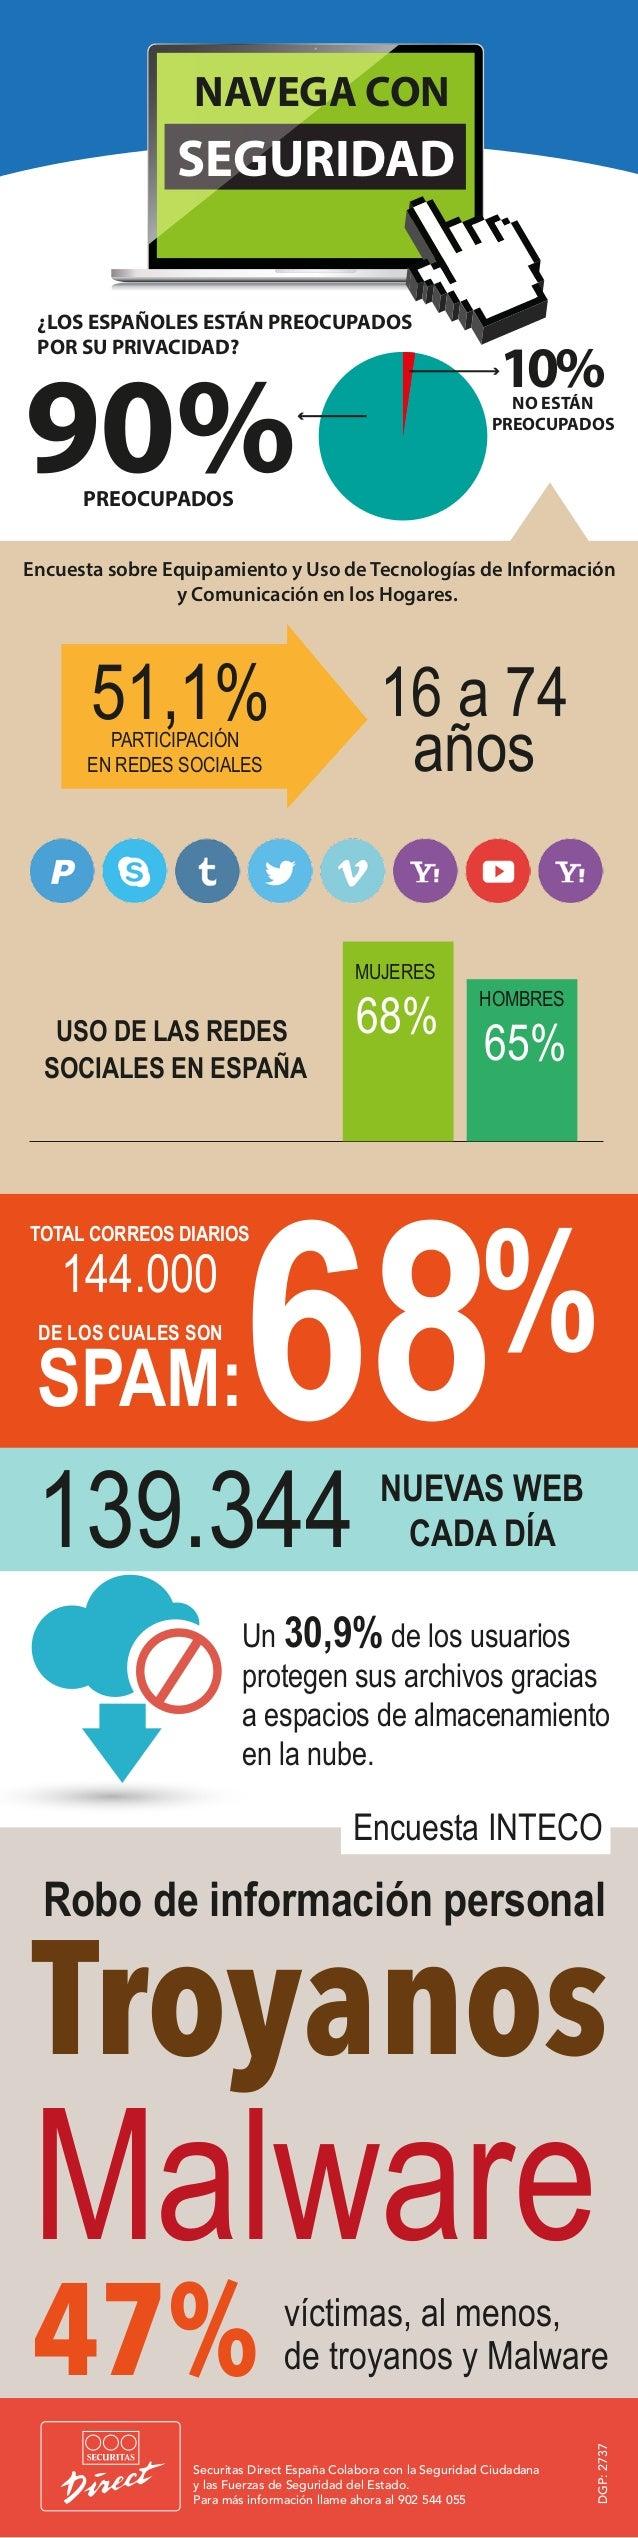 NAVEGA CON  SEGURIDAD  ¿LOS ESPAÑOLES ESTÁN PREOCUPADOS  POR SU PRIVACIDAD? 90% 10%  16 a 74  51,1%  PARTICIPACIÓN años  E...